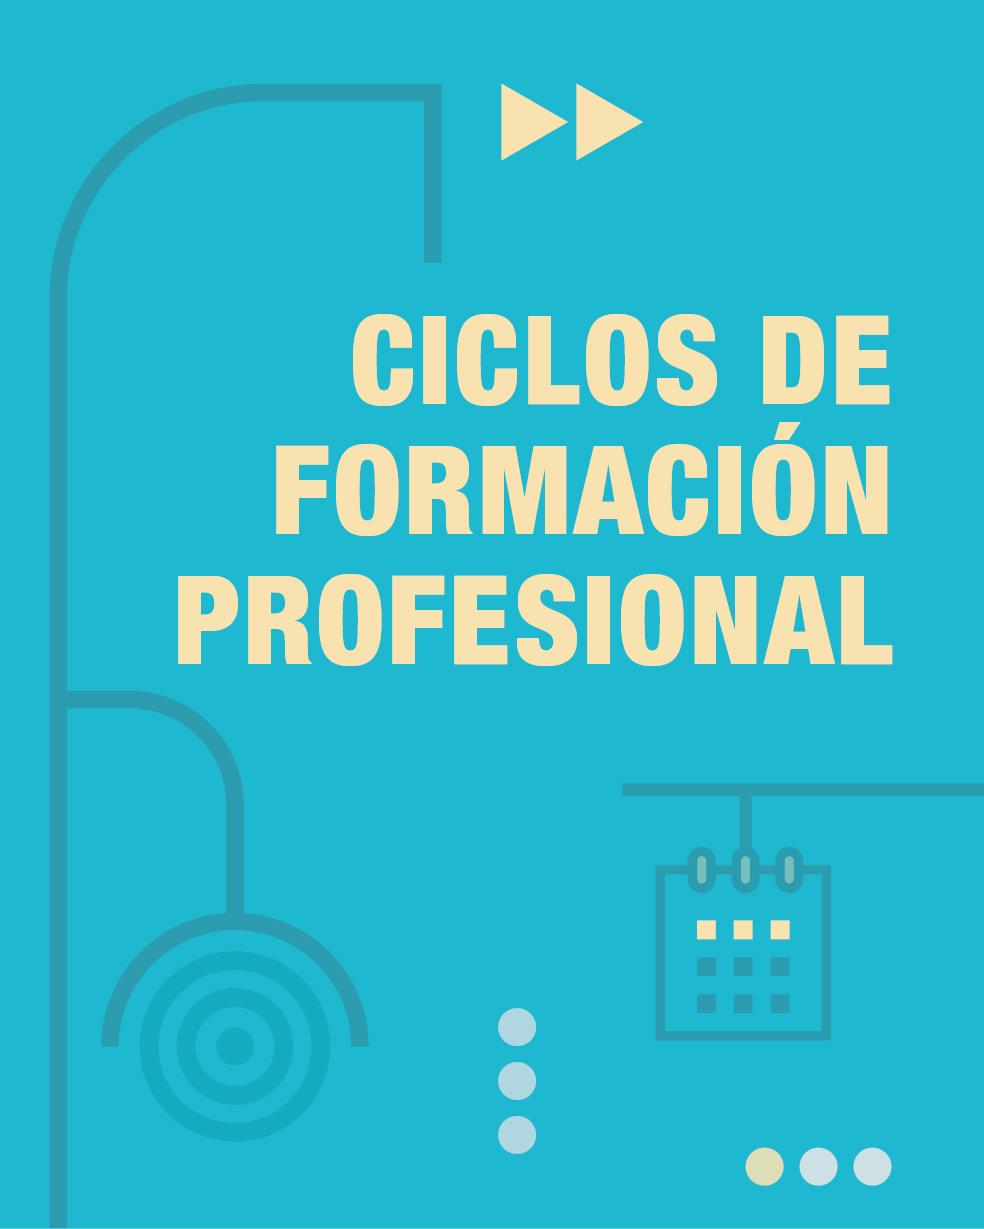 Ciclos de Formación Profesional